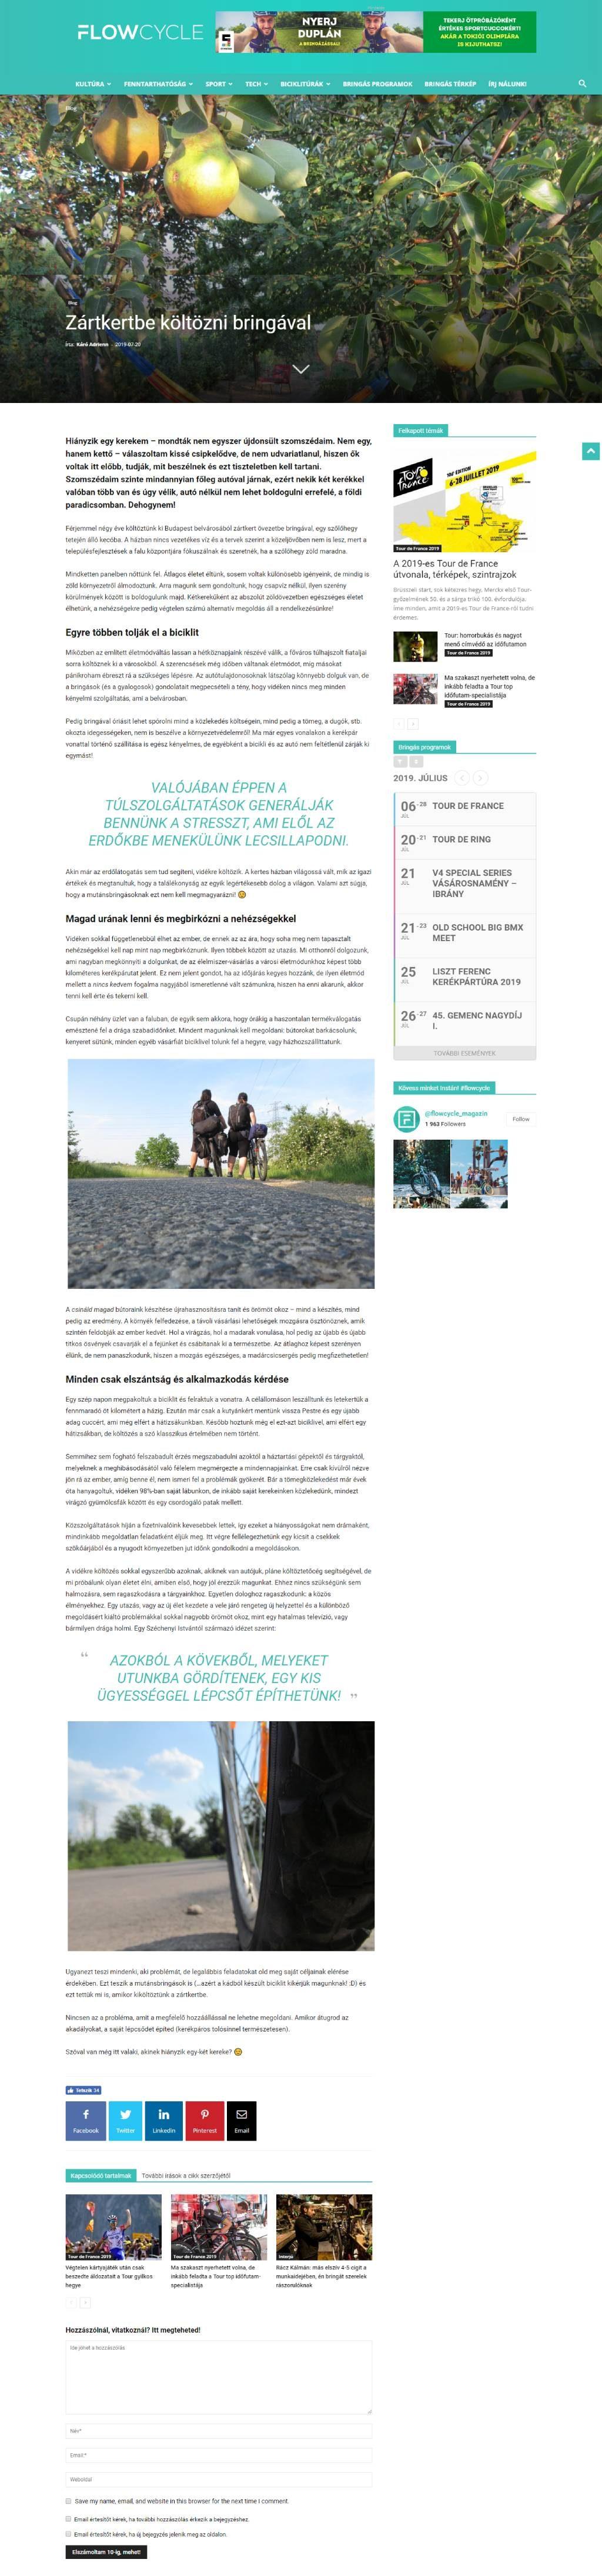 Flowcycle cikk